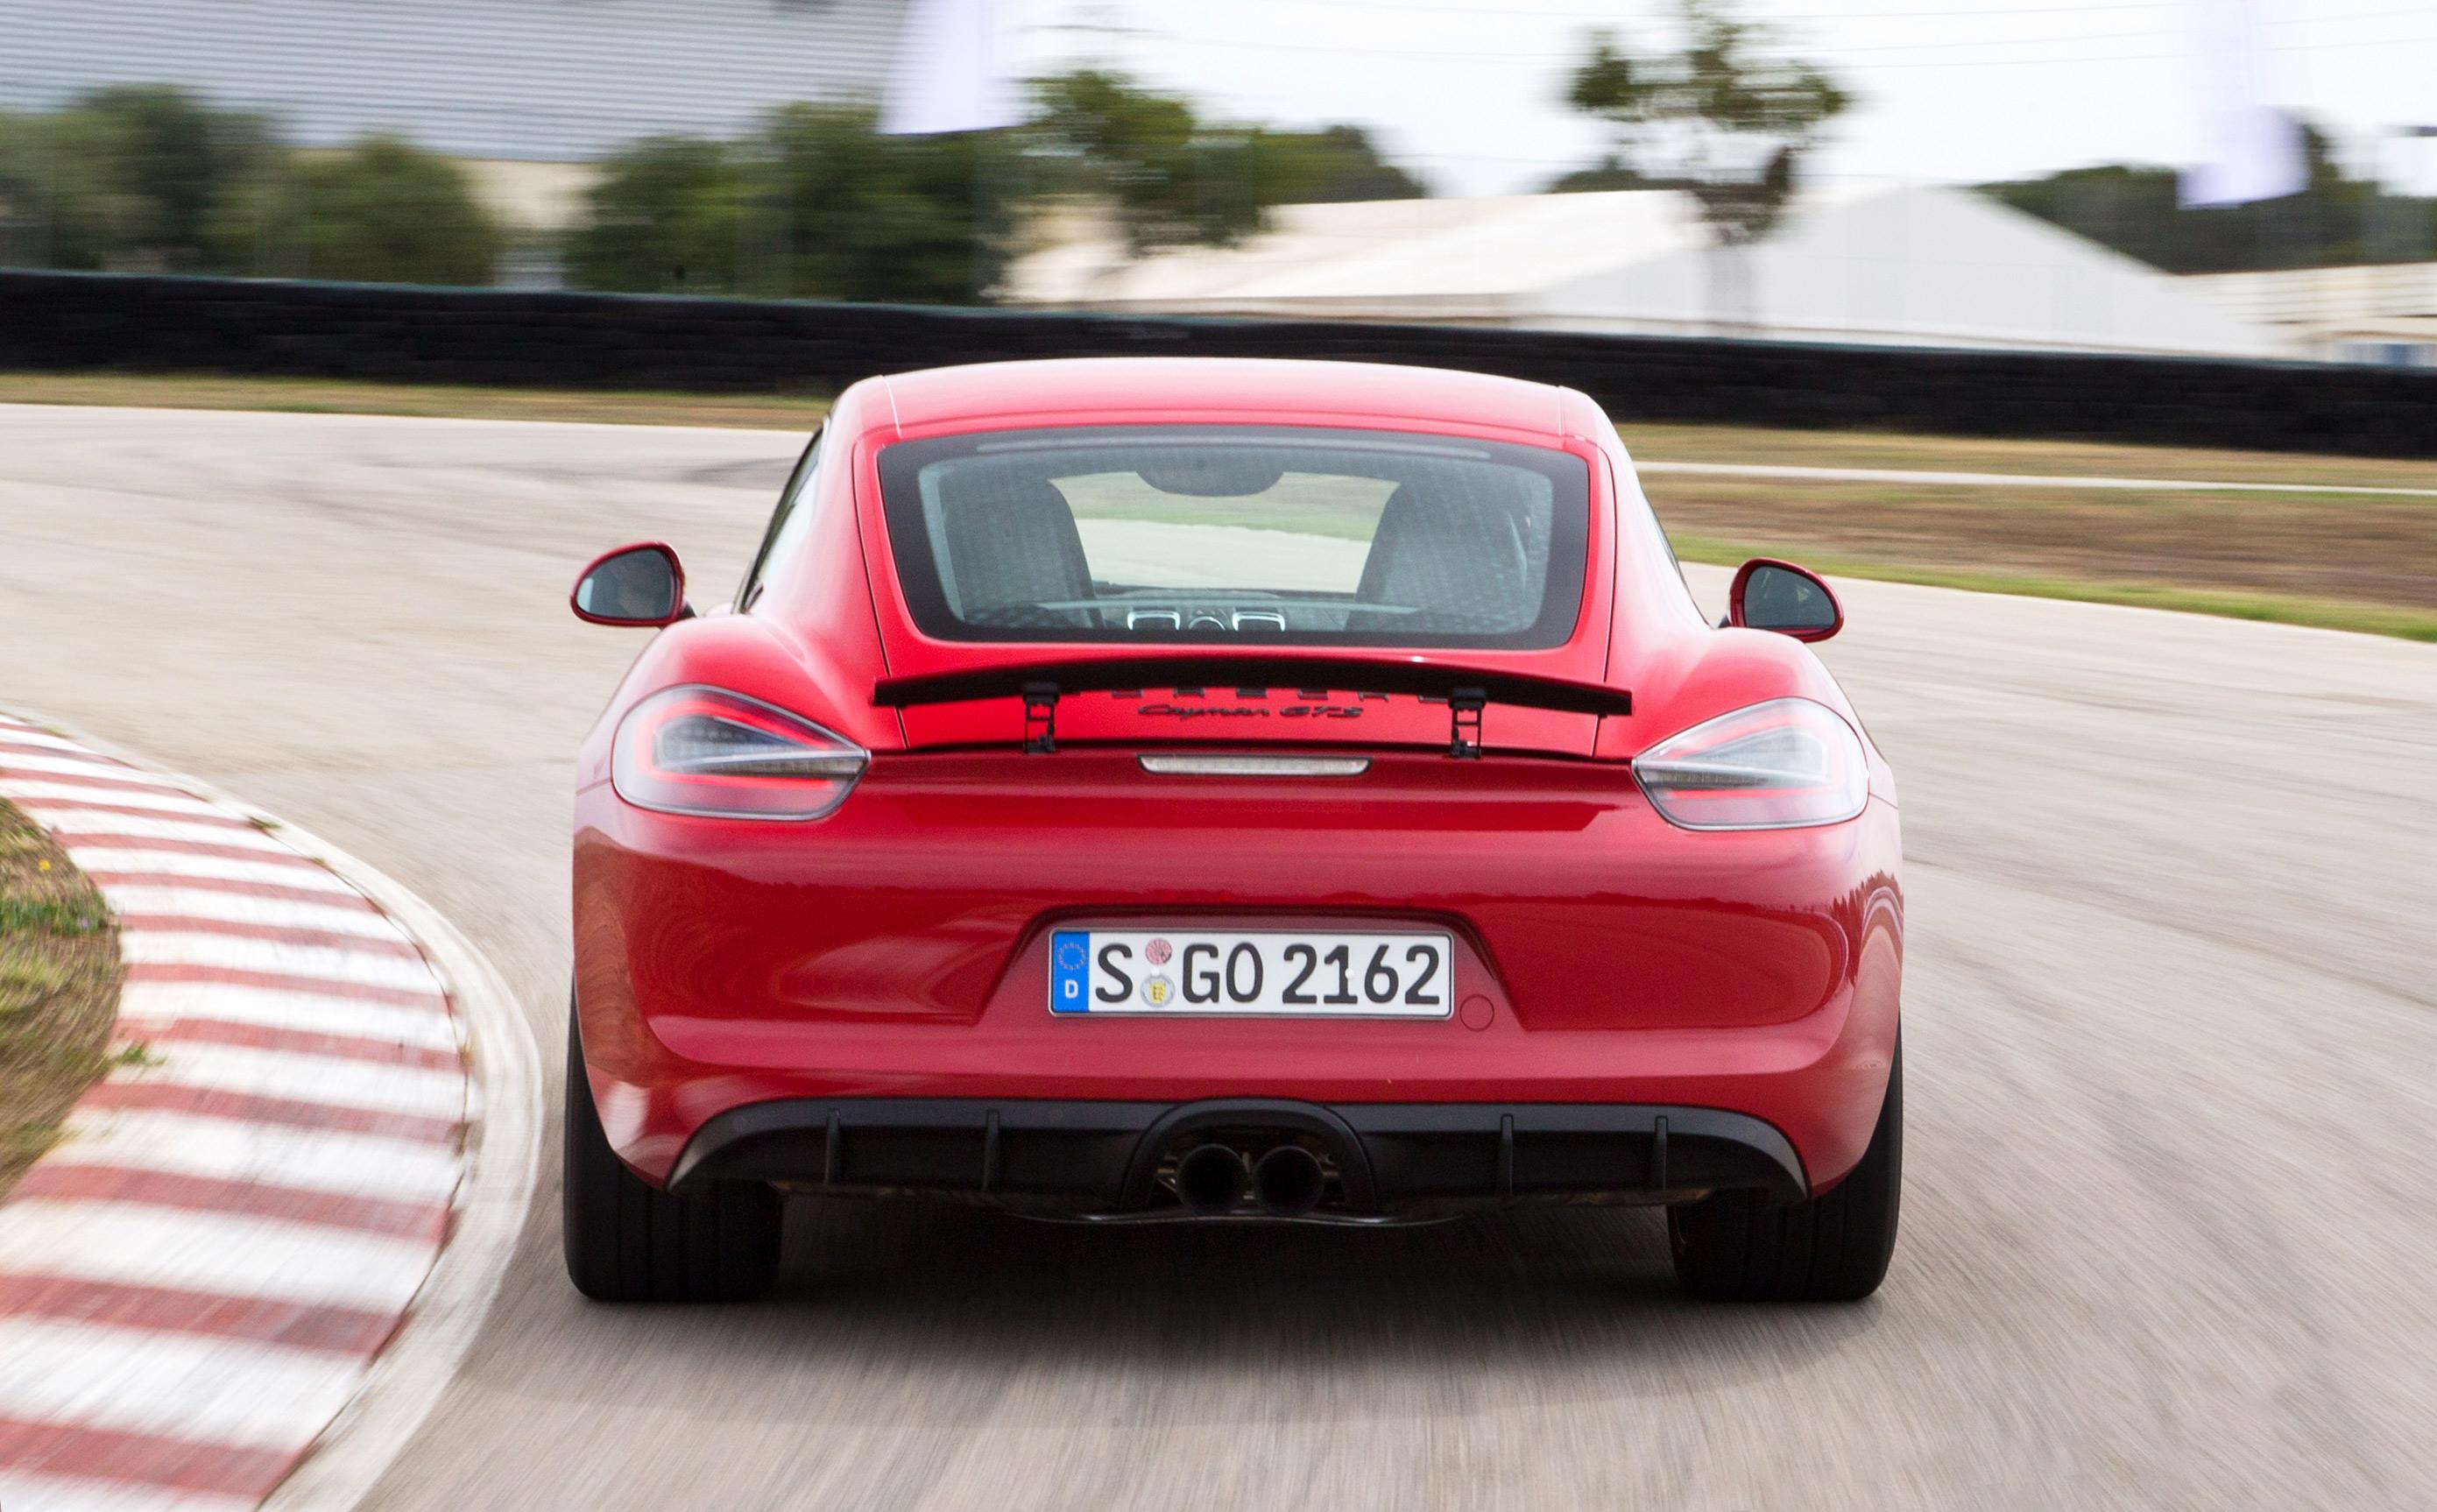 Тест самых мощных версий Porsche Boxster и Cayman. Фото 8